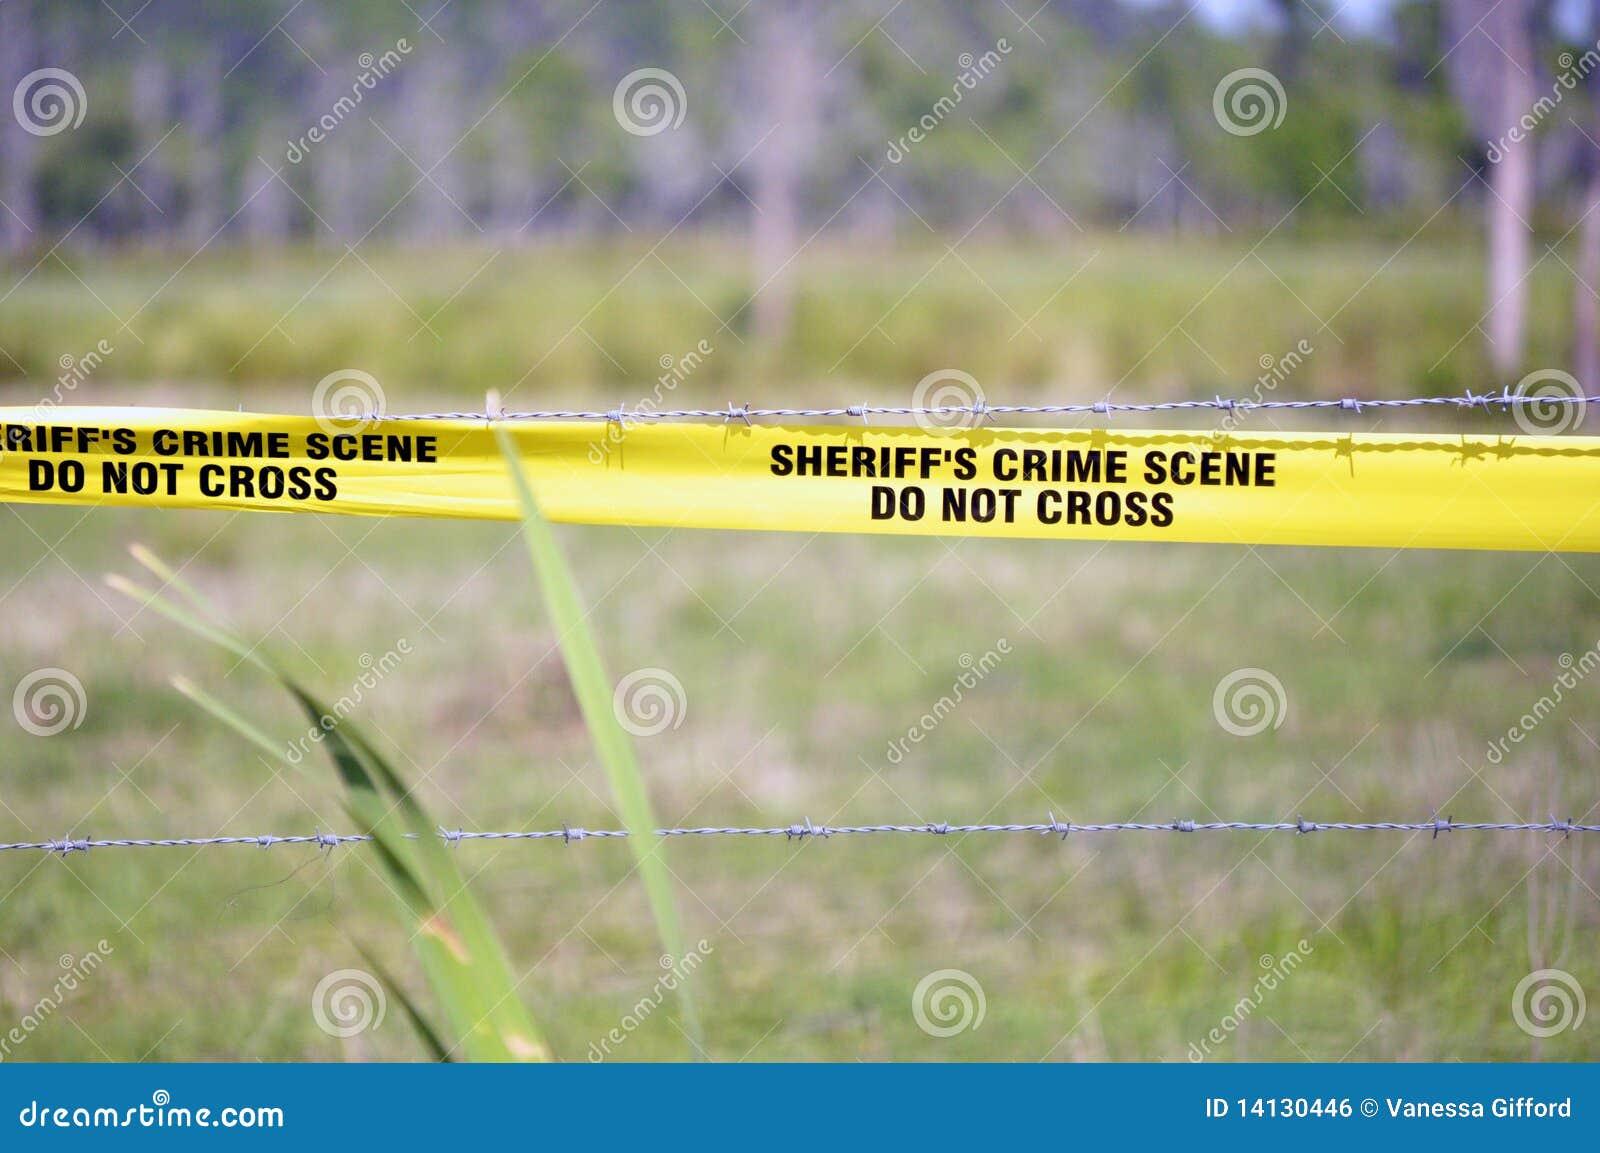 Sheriff s Crime Scene